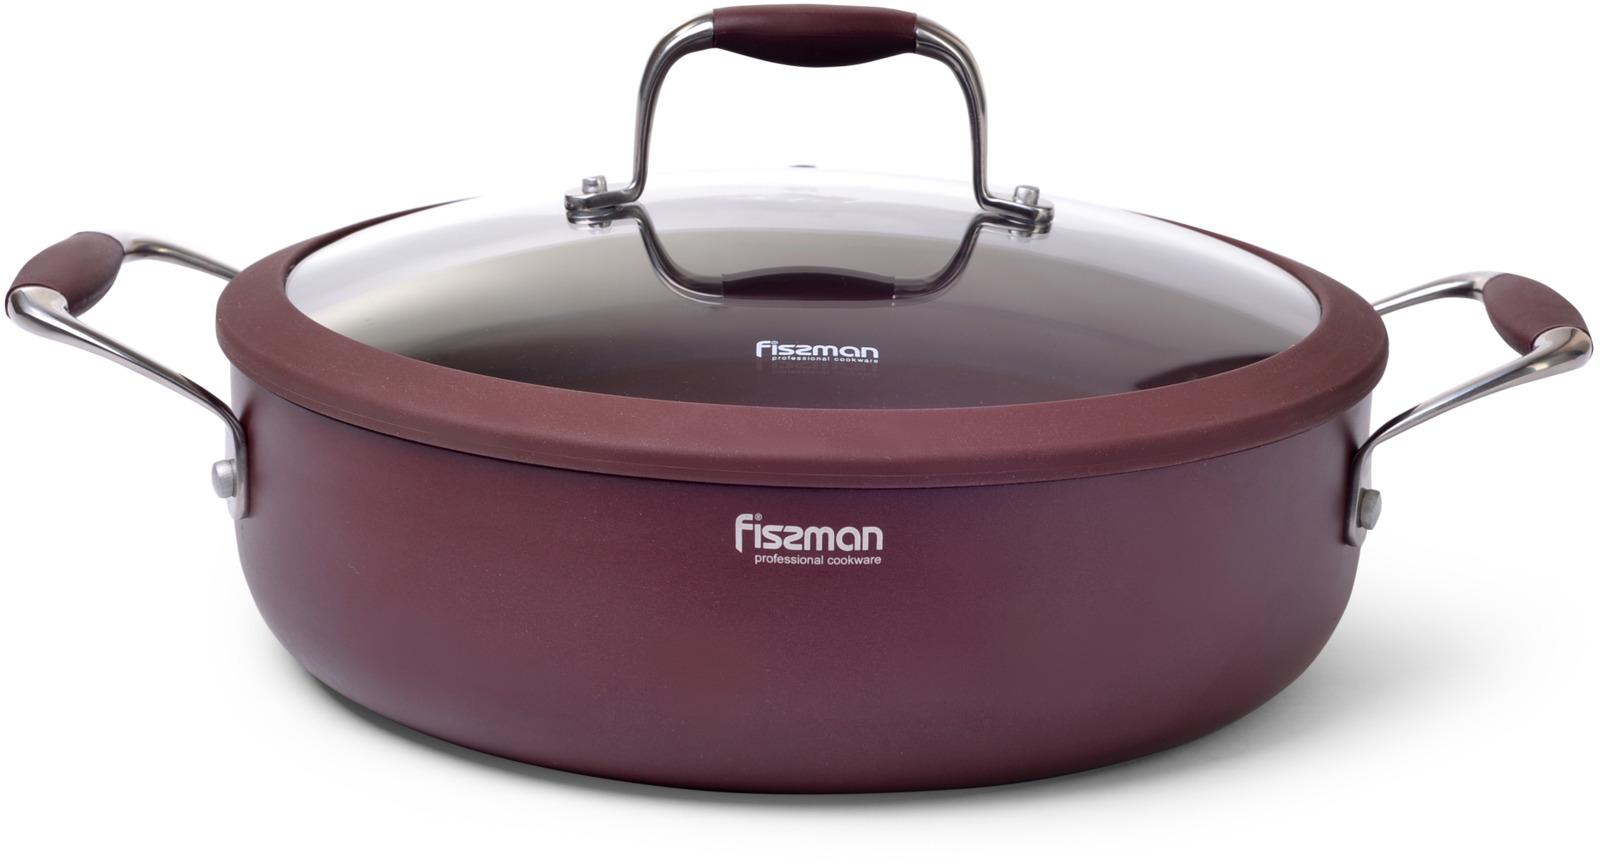 Сотейник Fissman Aventurine, с крышкой, с антипригарным покрытием. Диаметр 26 см сковорода fissman prestige с антипригарным покрытием диаметр 26 см